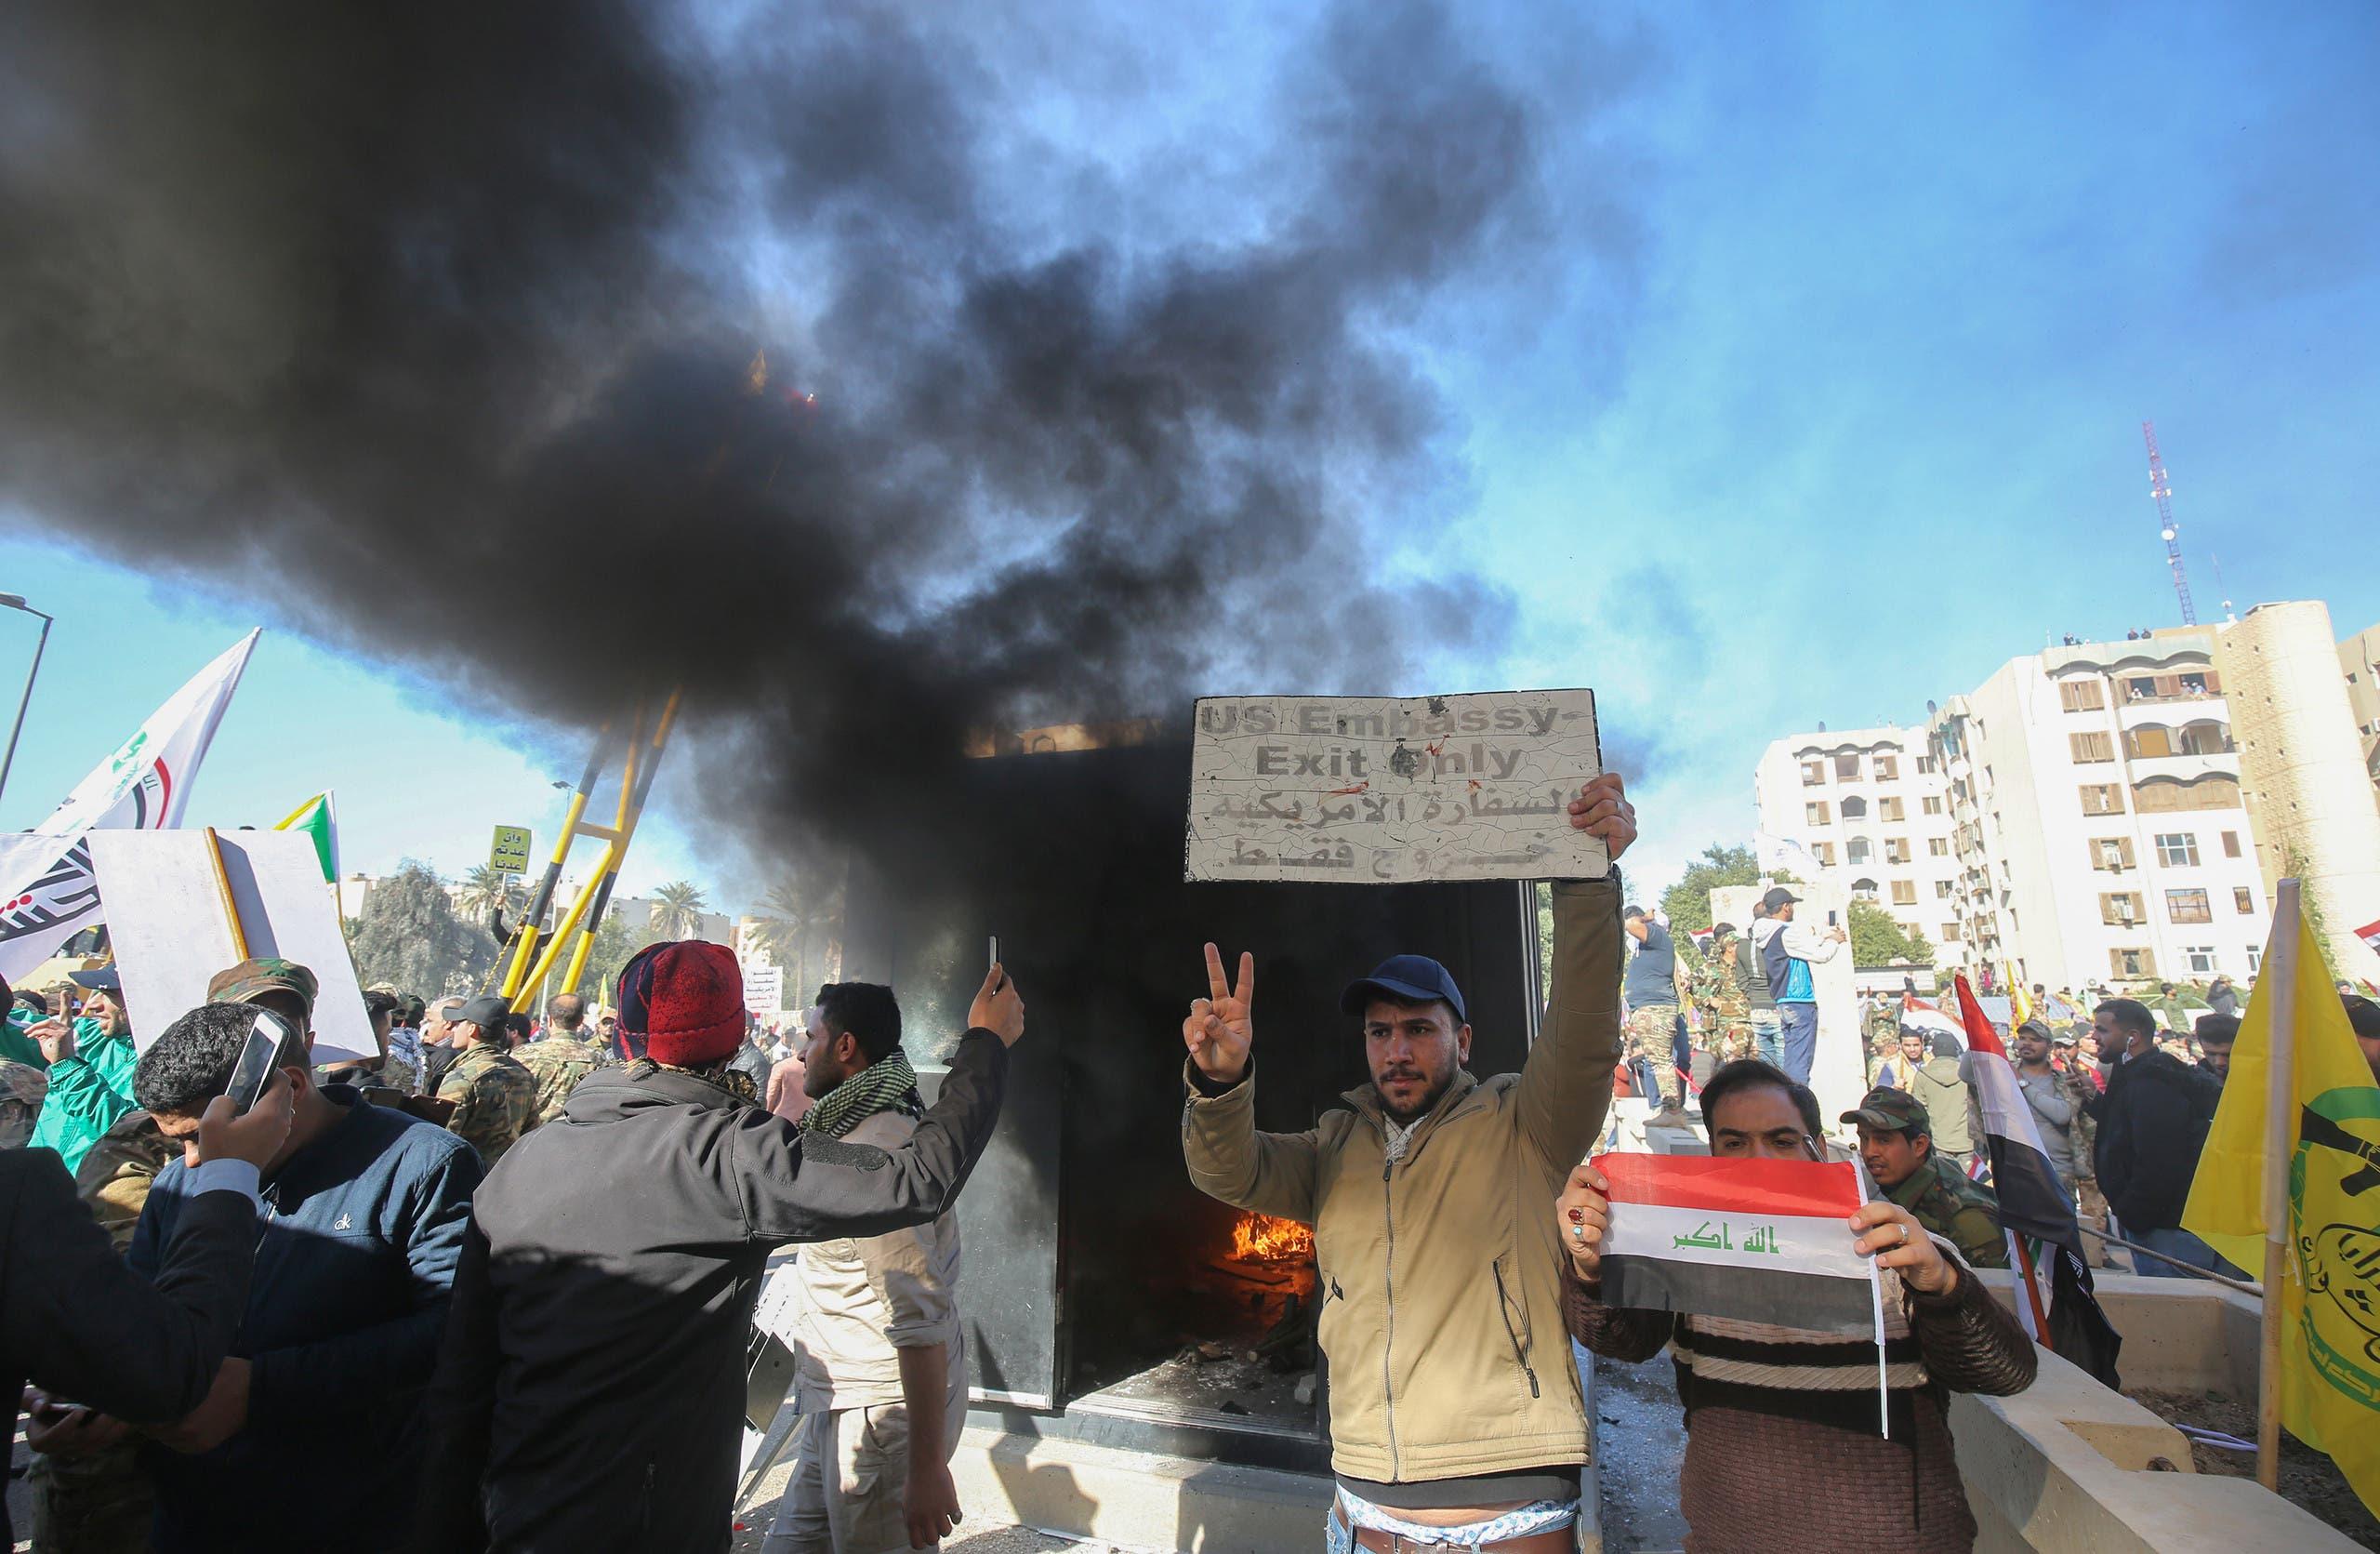 شبهنظامیان هوادار ایران در تلاش برای اشغال سفارت آمریکا در بغداد